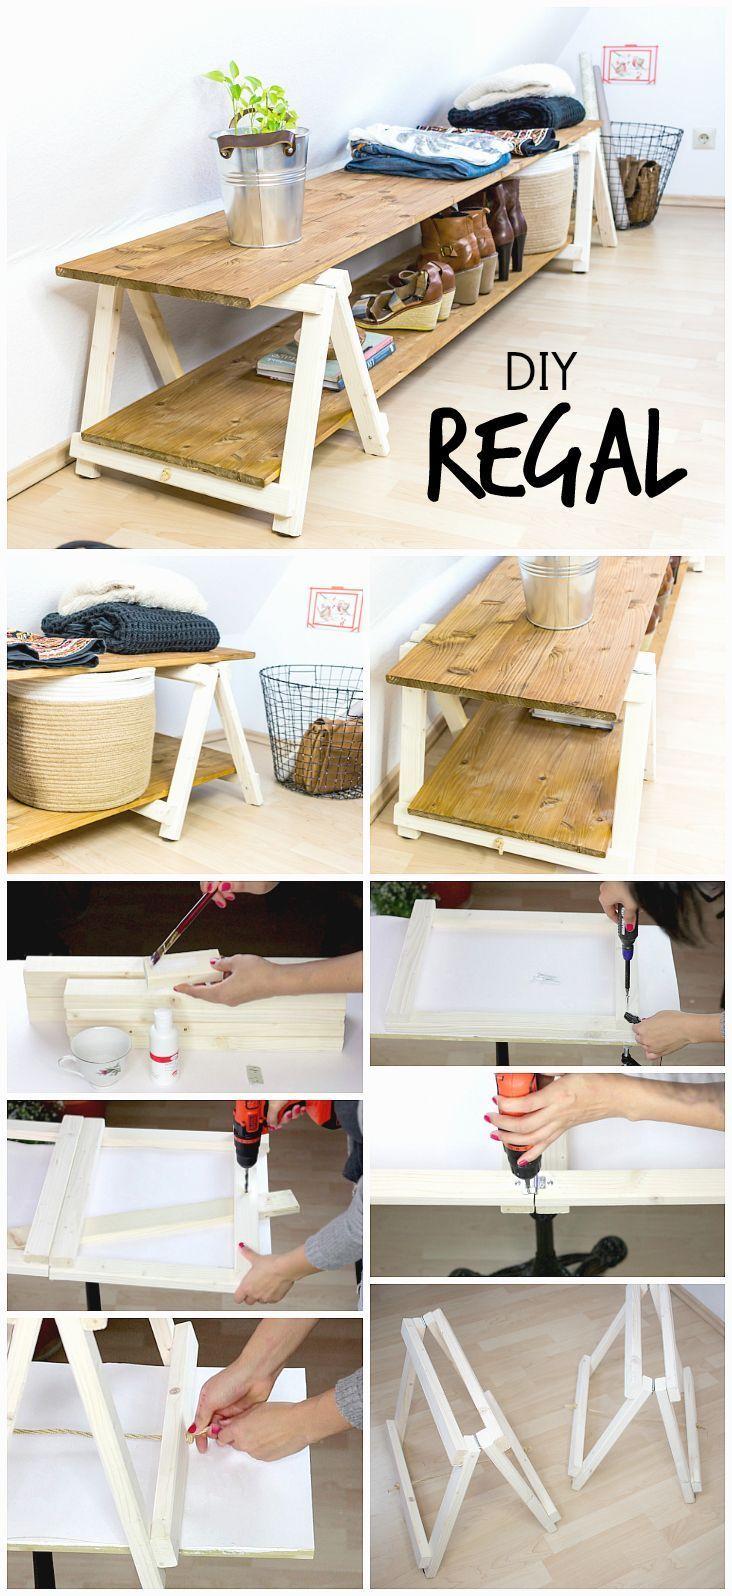 Bauen Sie Ihre eigenen Möbel: Dieses Regal ist leicht herzustellen und eignet sich hervorragend für